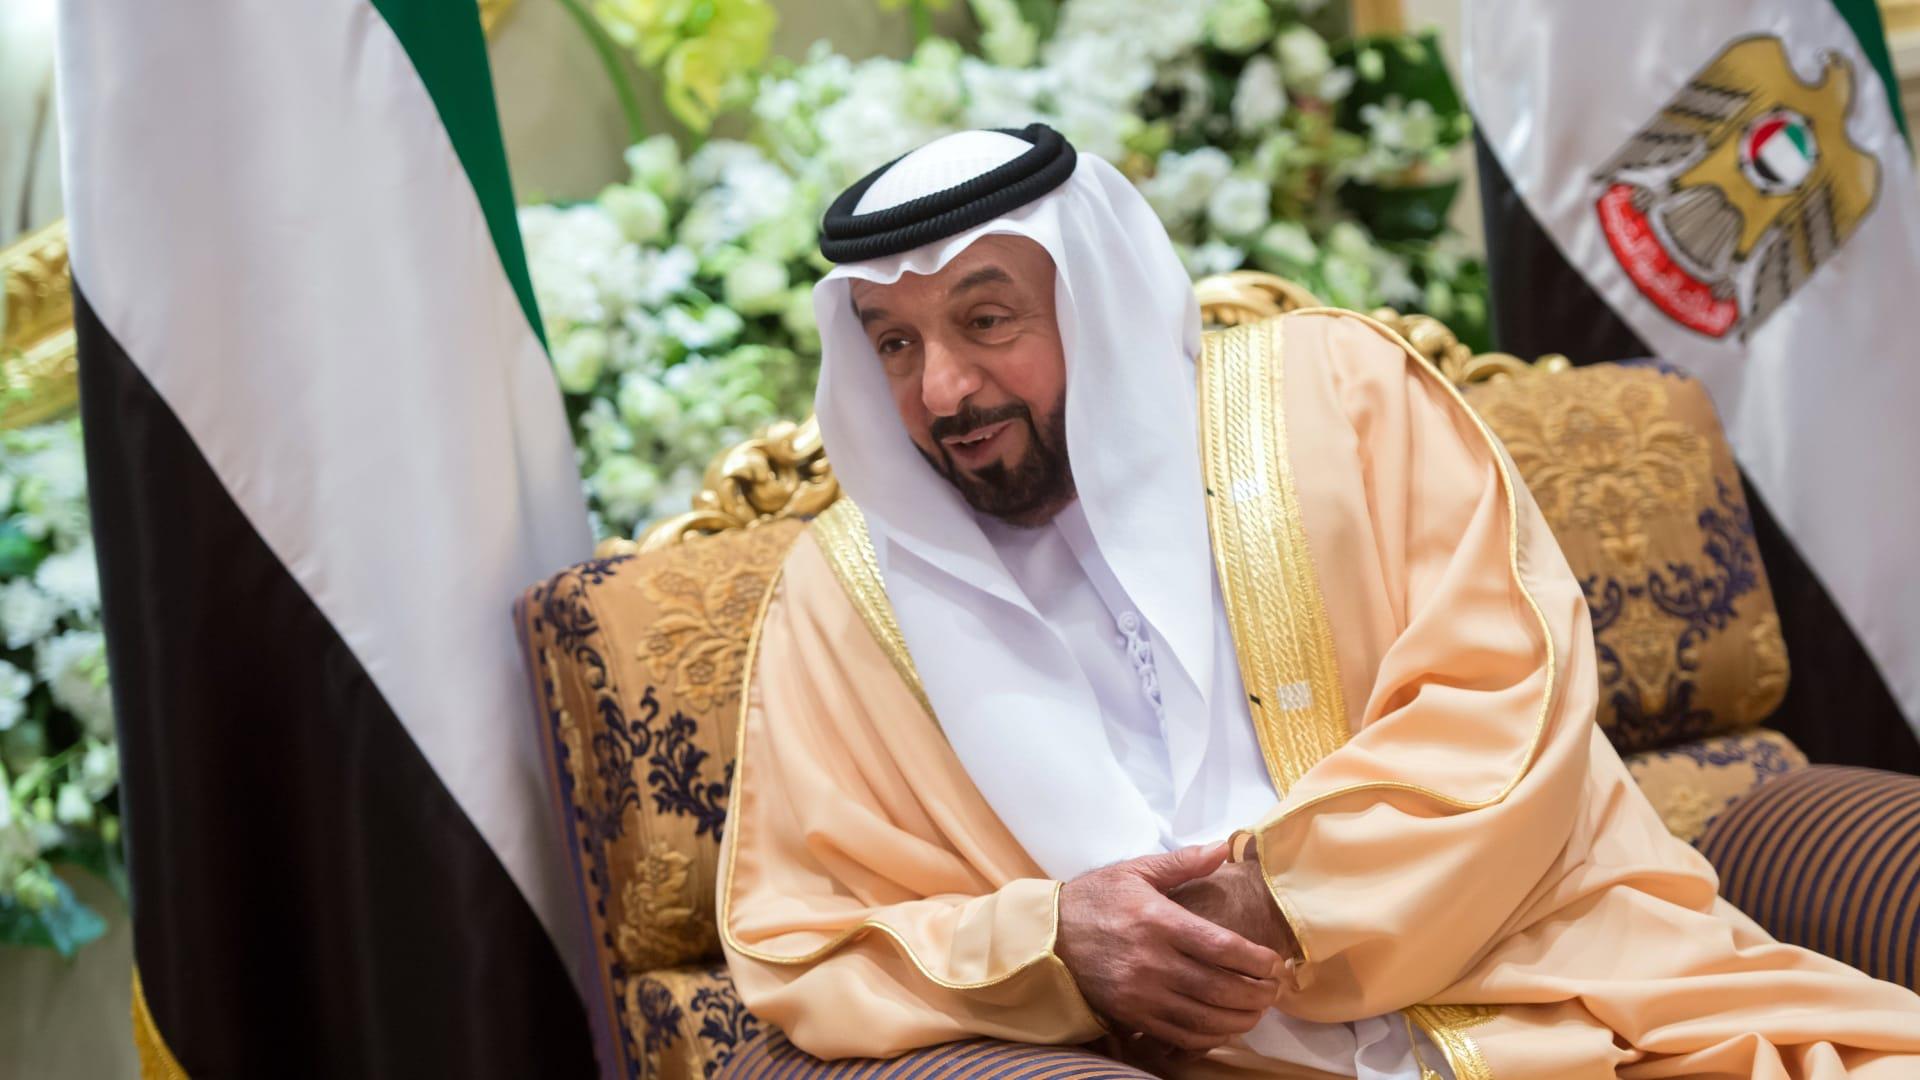 الشيخ محمد بن راشد ينشر صورة رفقة رئيس الإمارات ويوجه له رسالة